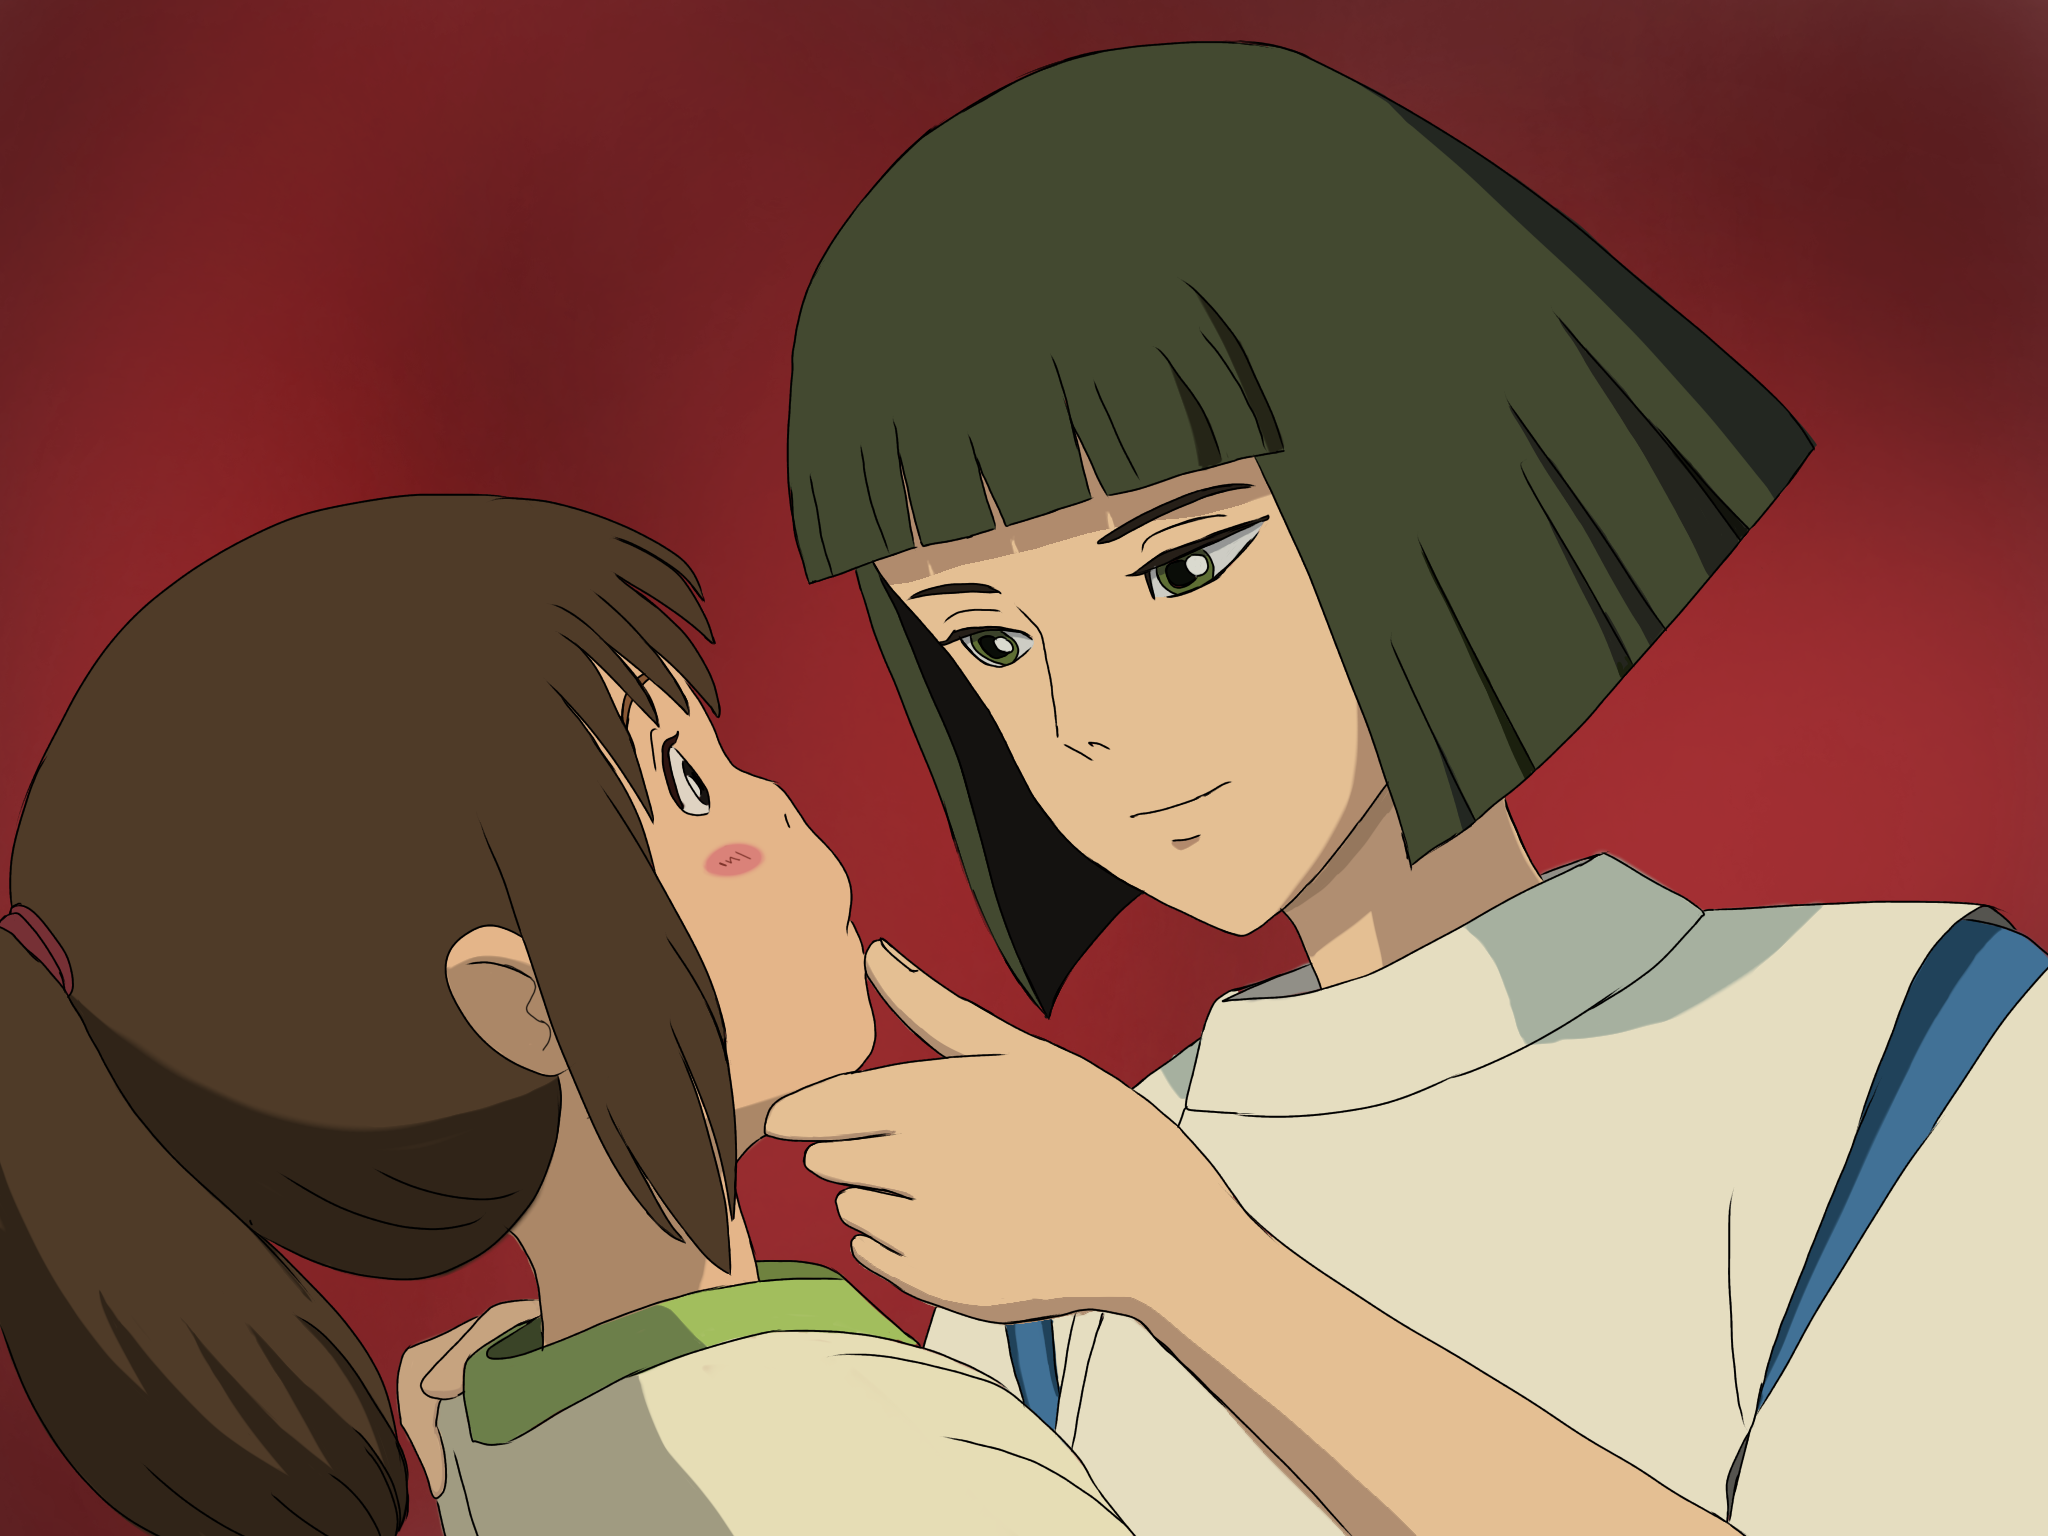 ハク様に顎クイしていただいた アニメ ジブリ アニメイラスト 宮崎駿